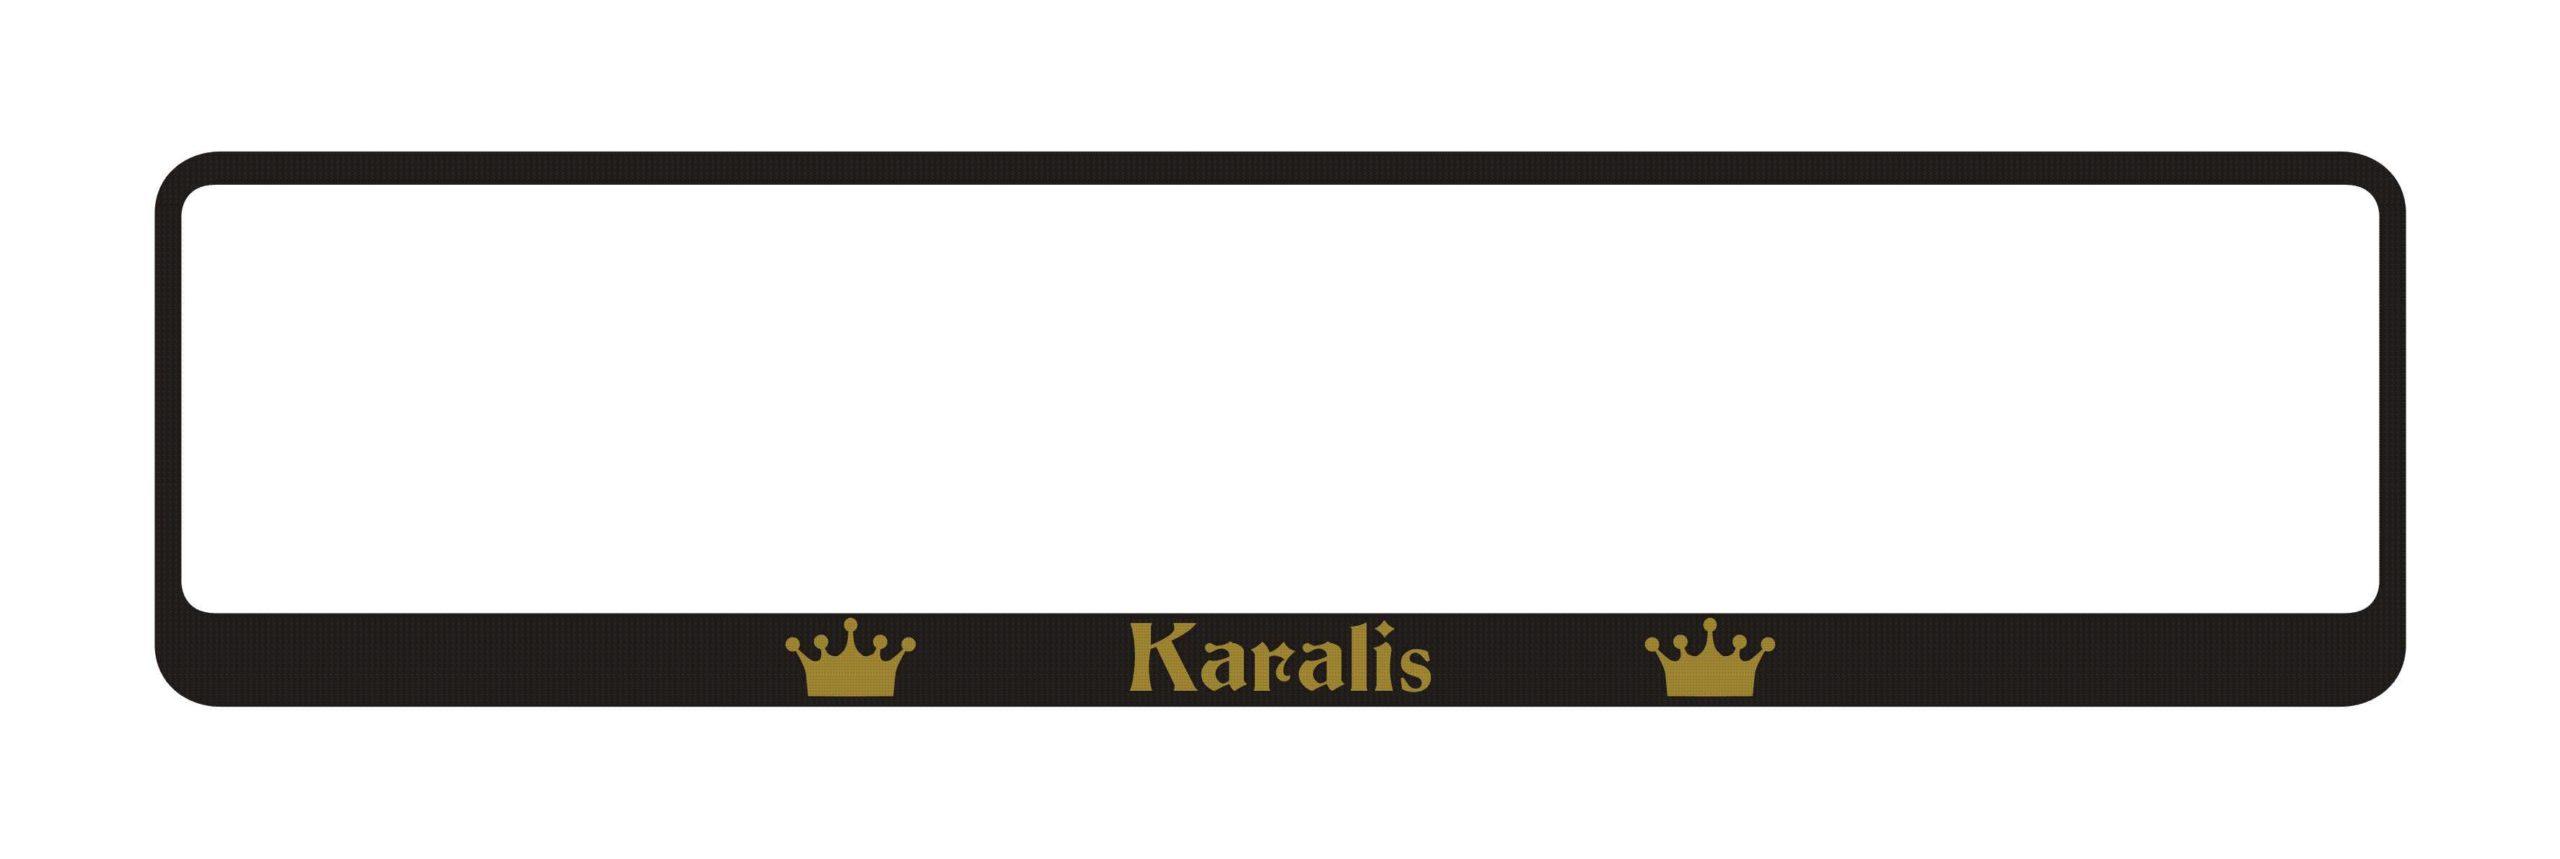 LATSIGN Auto numura turētājs ar uzrakstu - Karalis